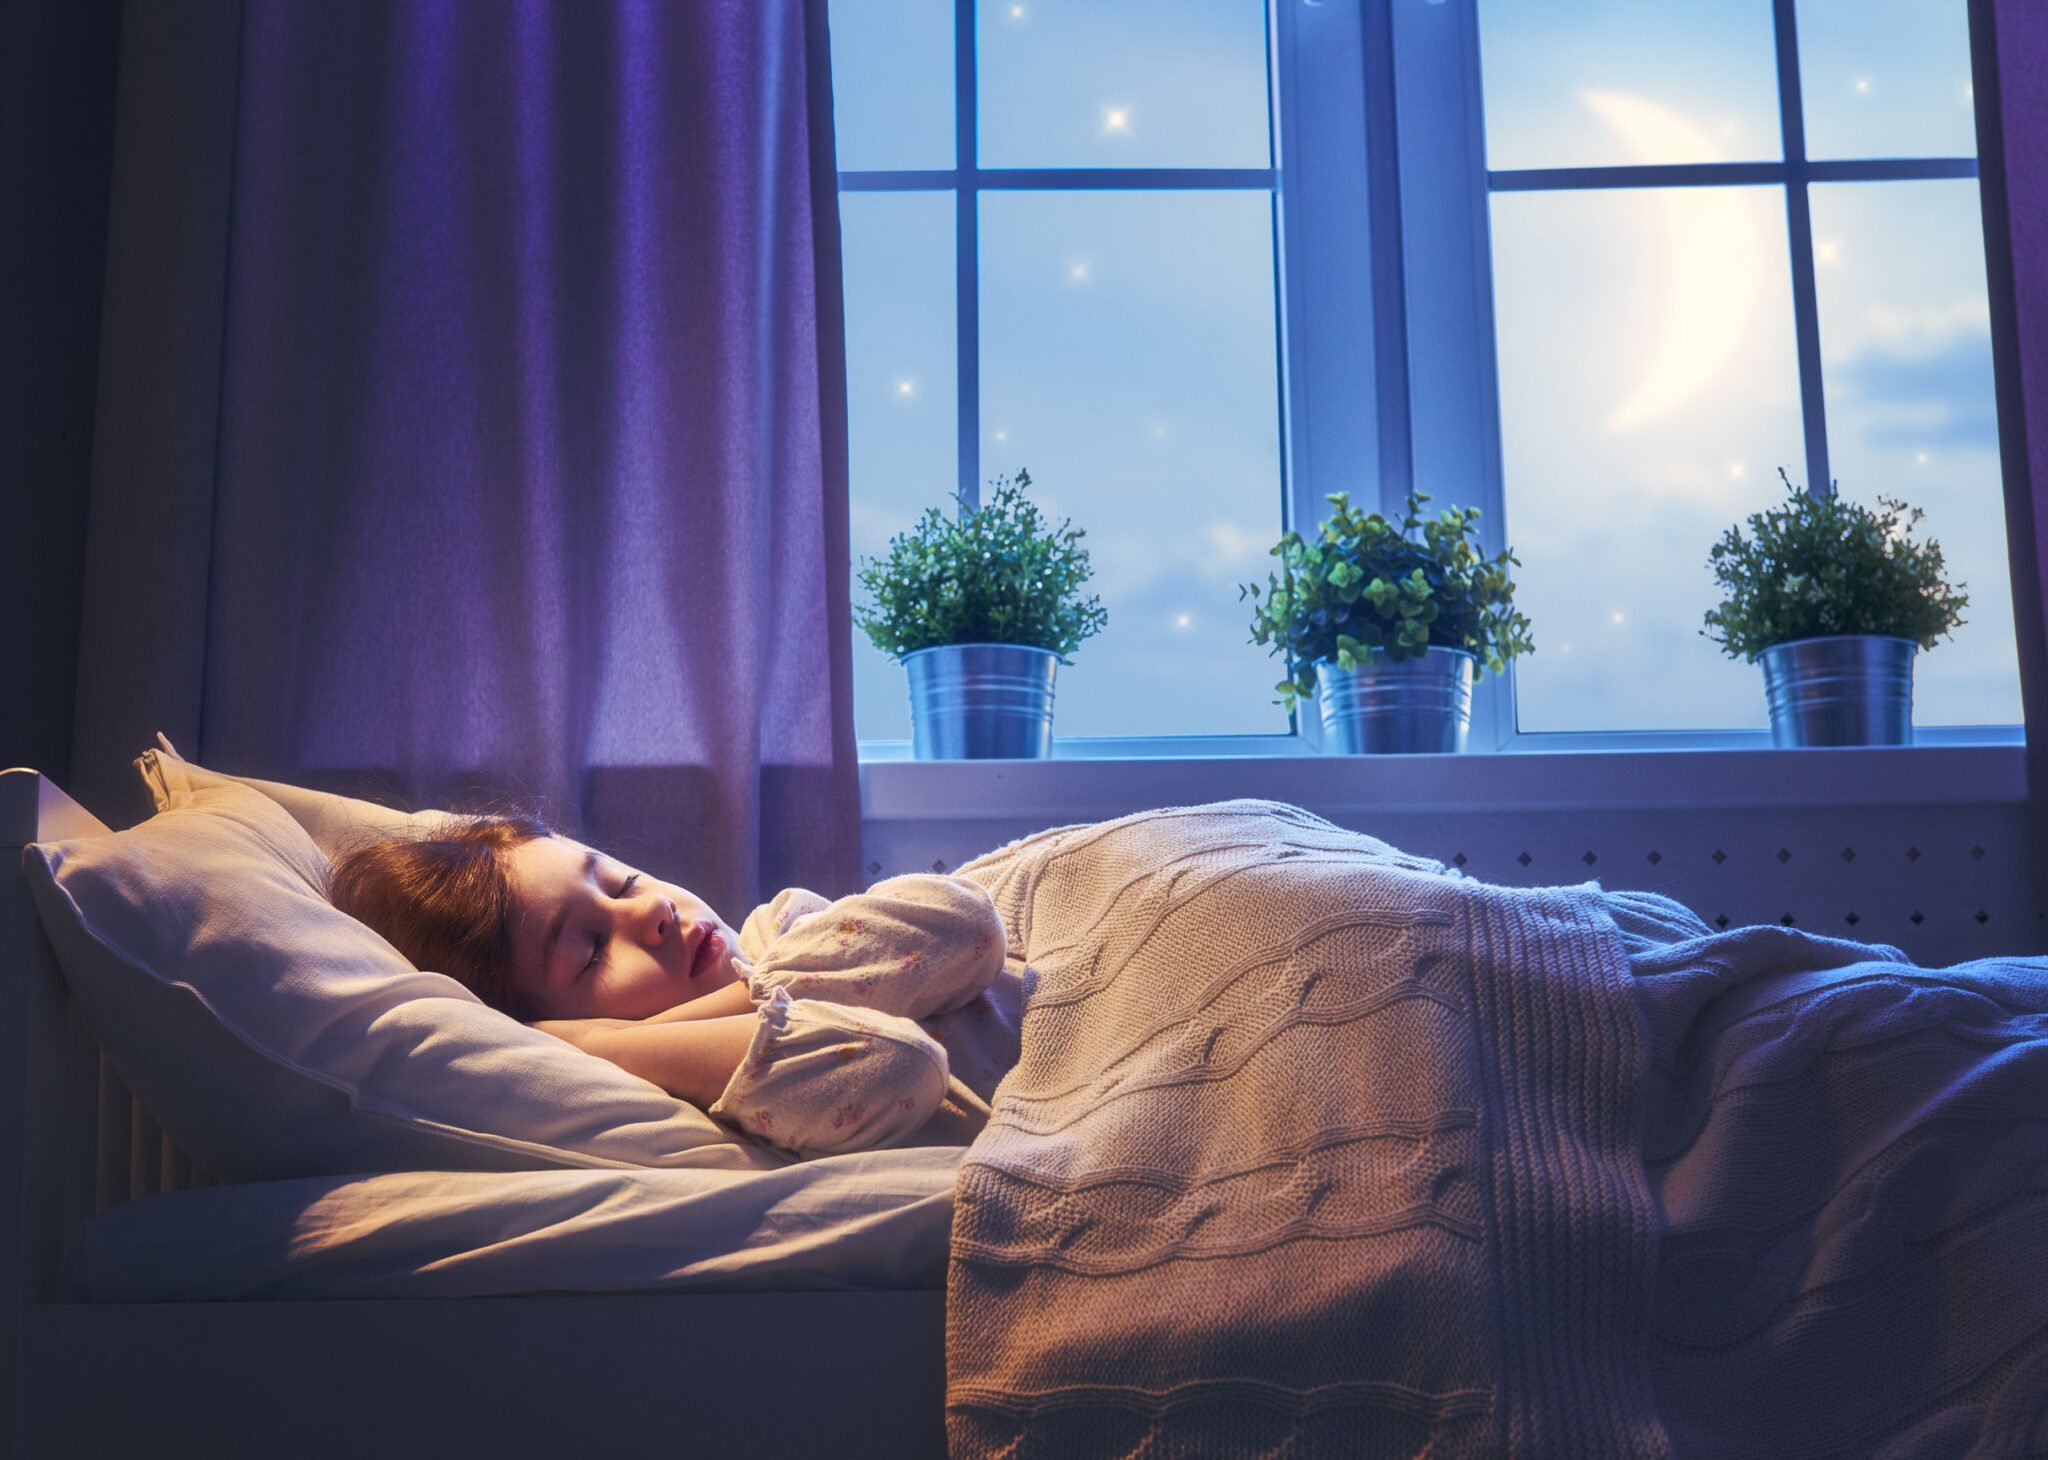 Kind slapen in het donker of met licht / nachtlamp aan; wat is beter en waarom? - Mamaliefde.nl